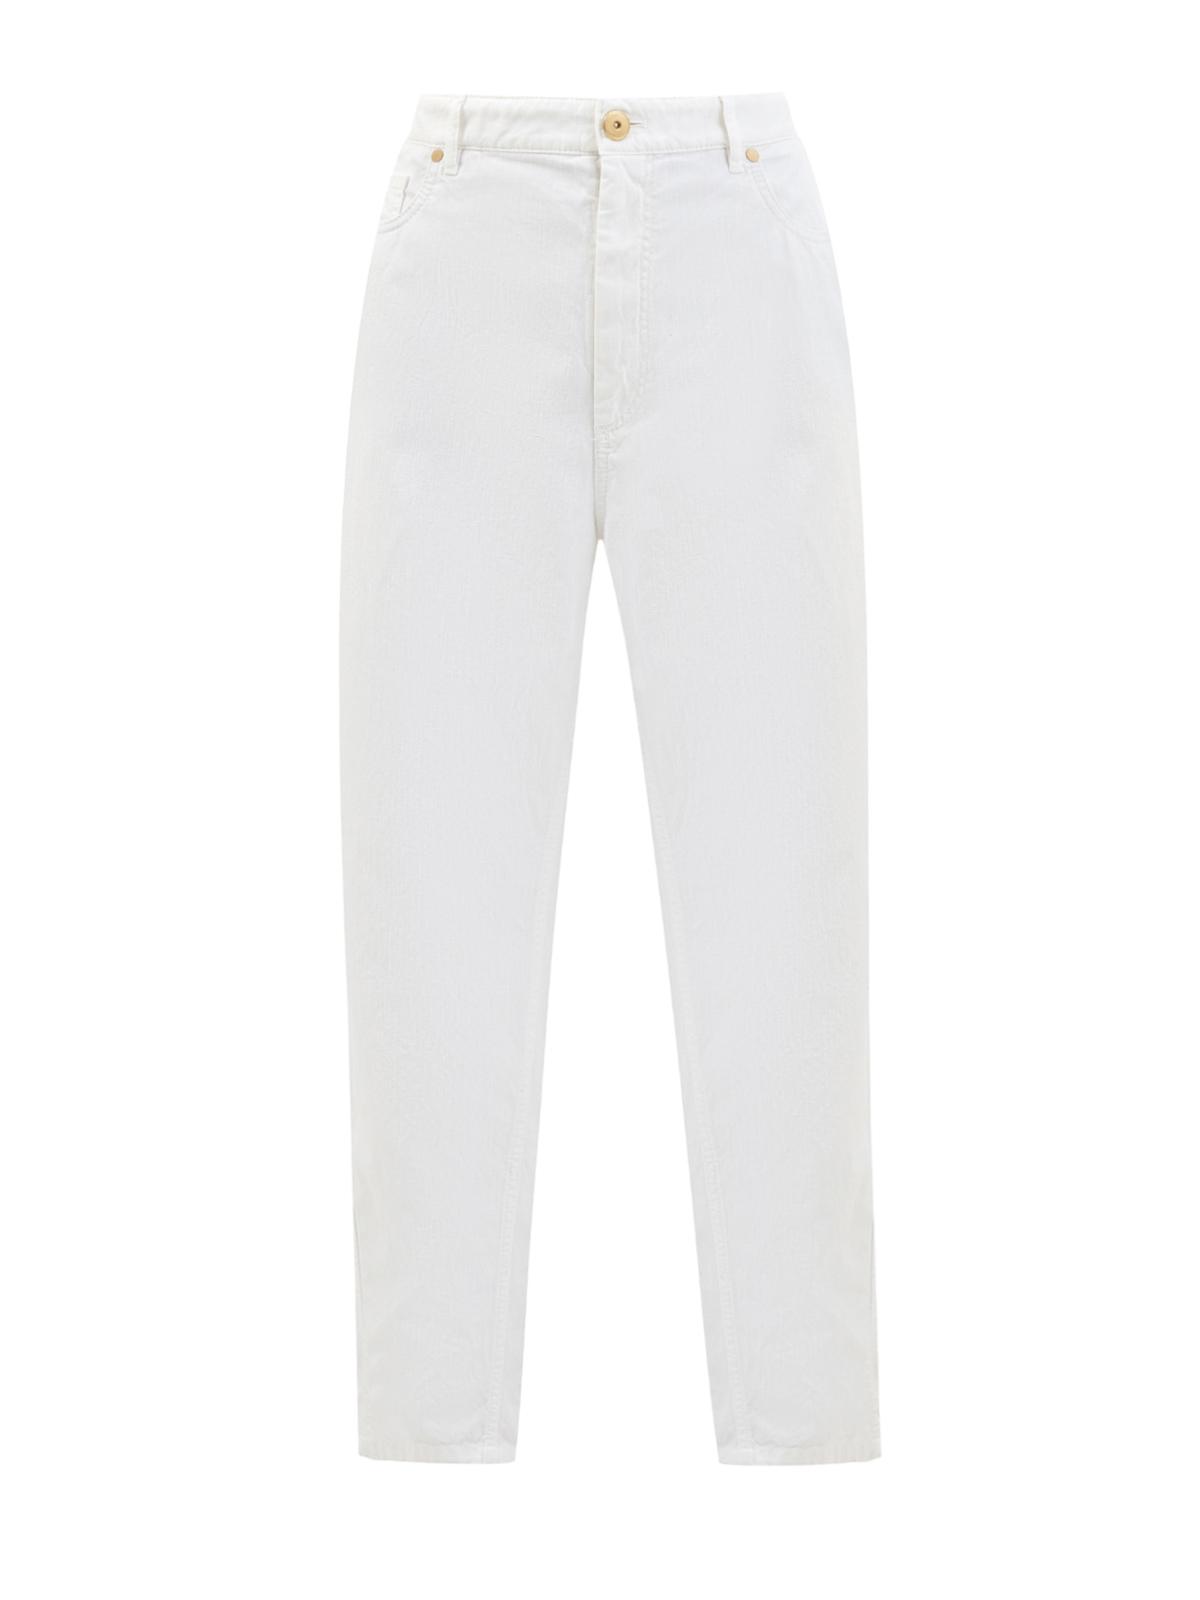 Светлые джинсы-mom's изхлопка ильна